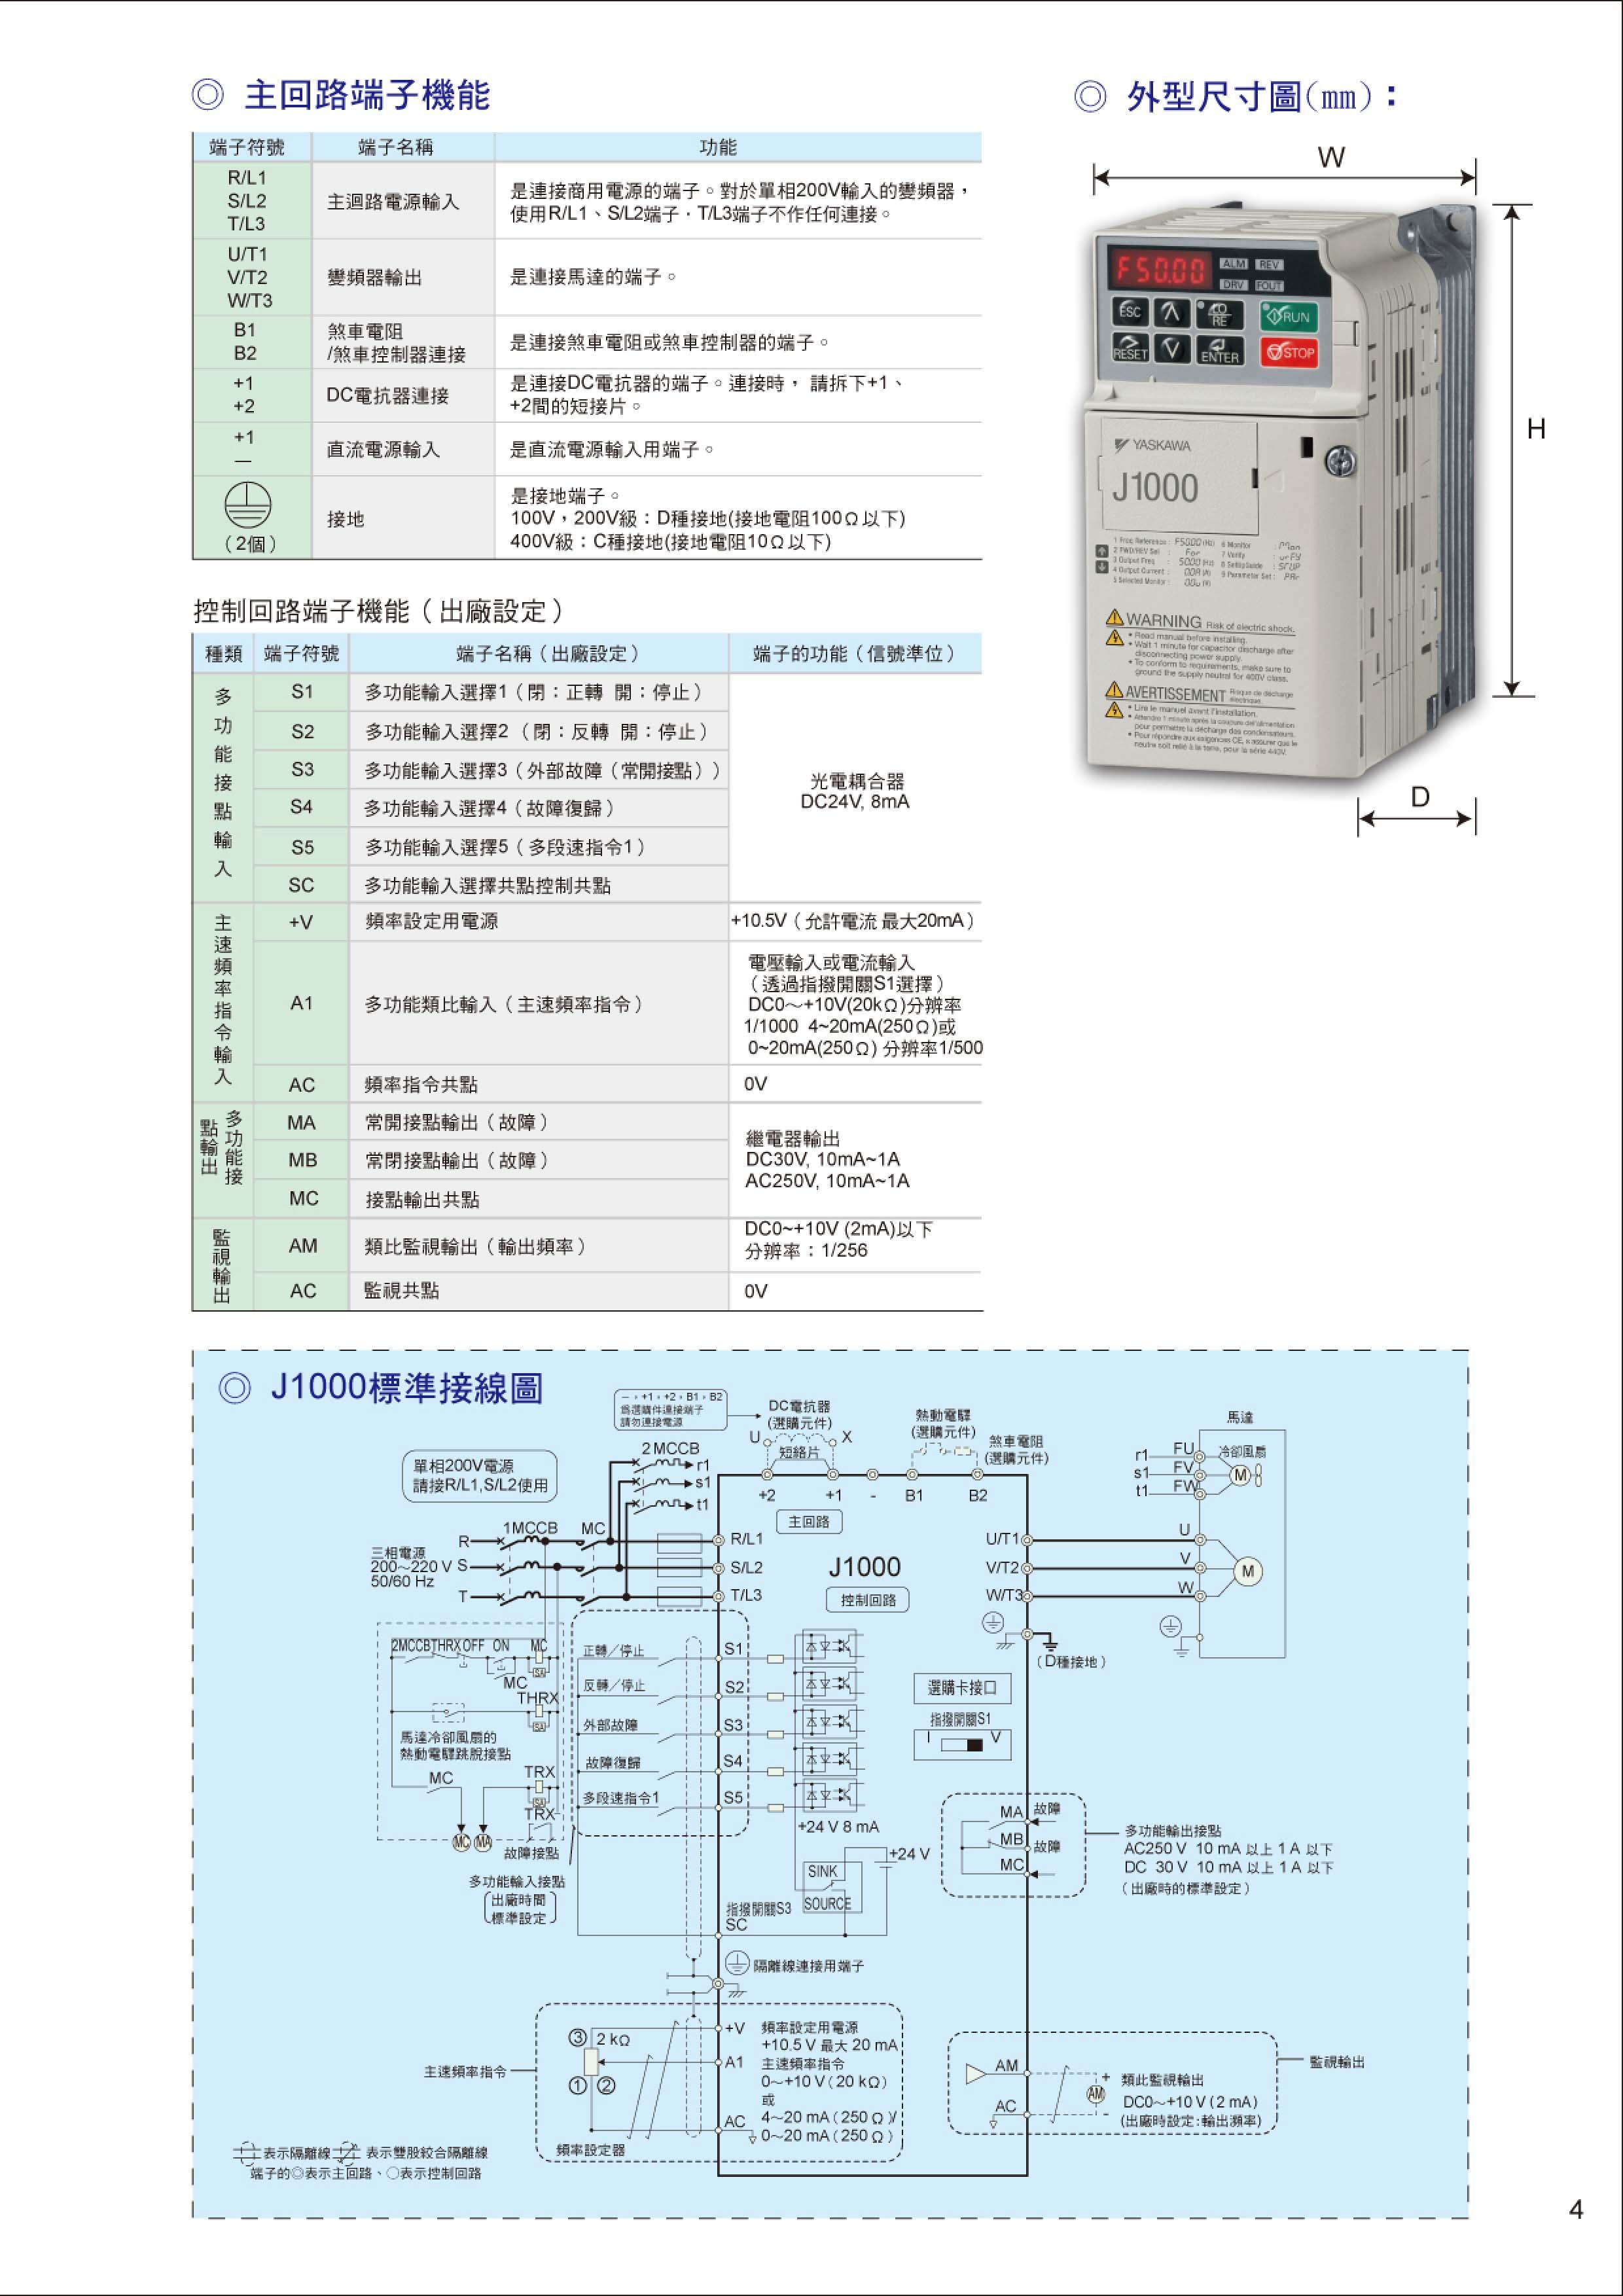 安川變頻器型錄-2012-07-5